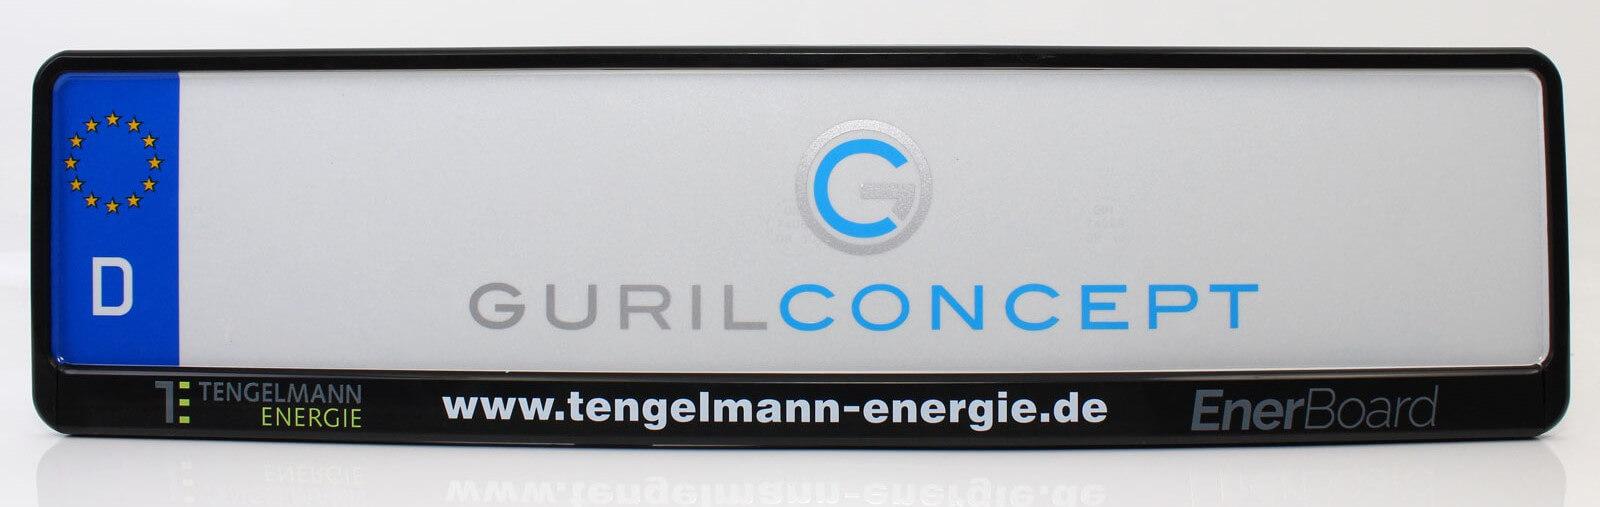 Kennzeichenhalter mit individuellem Firmenaufdruck für Tengelmann Energie